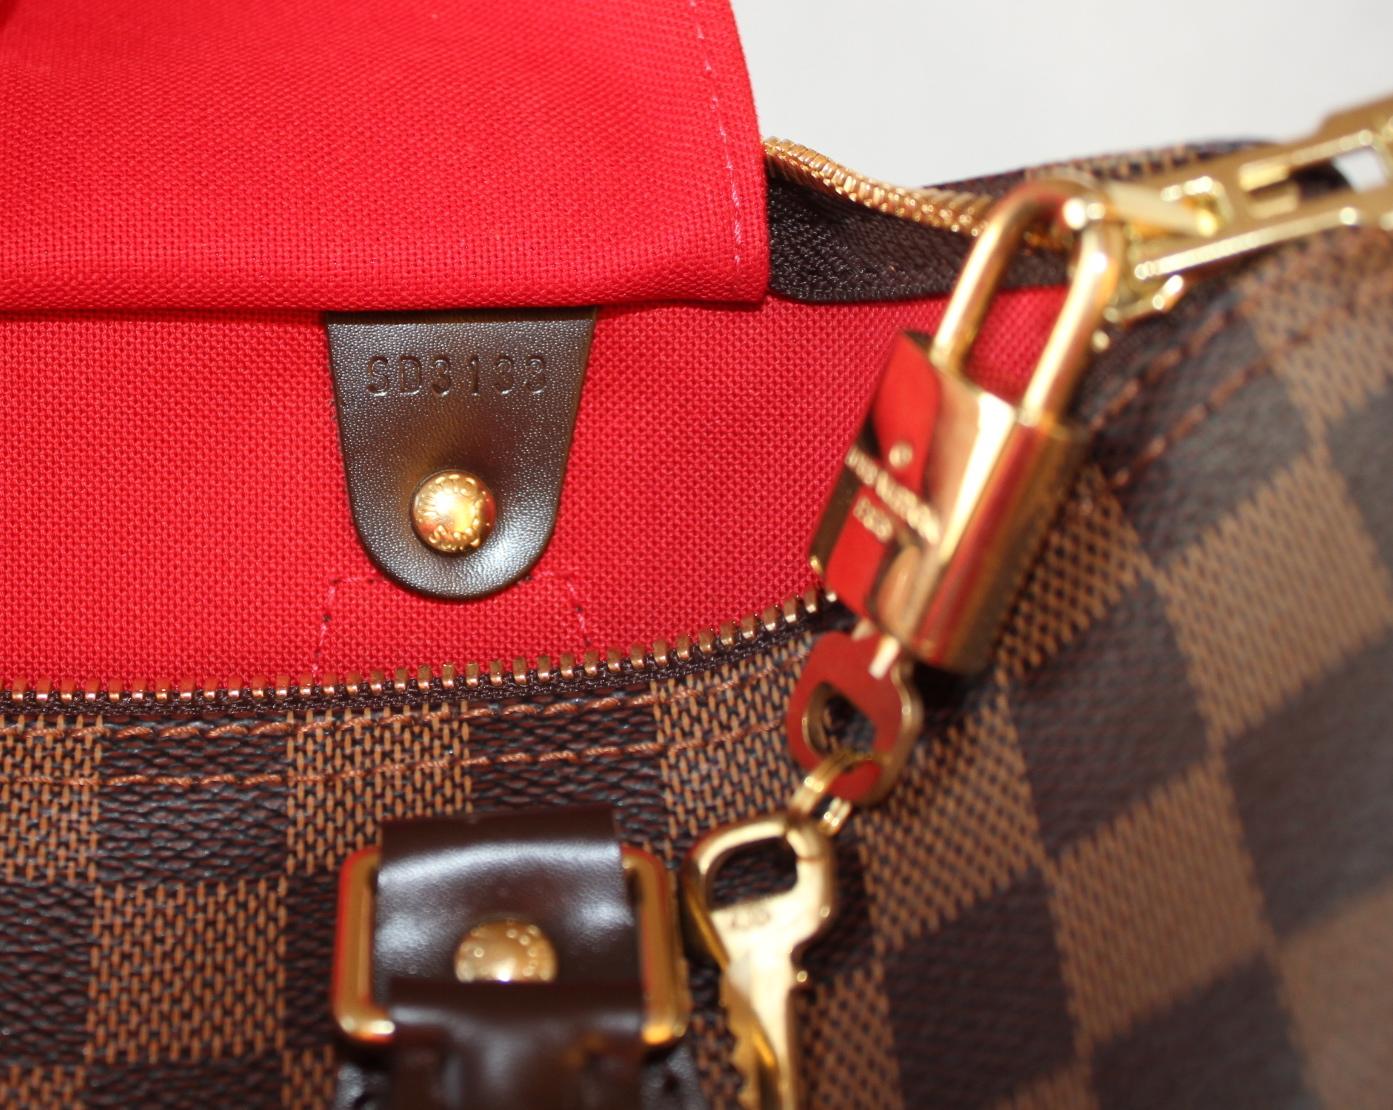 e9454d149b1 Как отличить сумку оригинал Луи Витон от подделки, как определить и ...